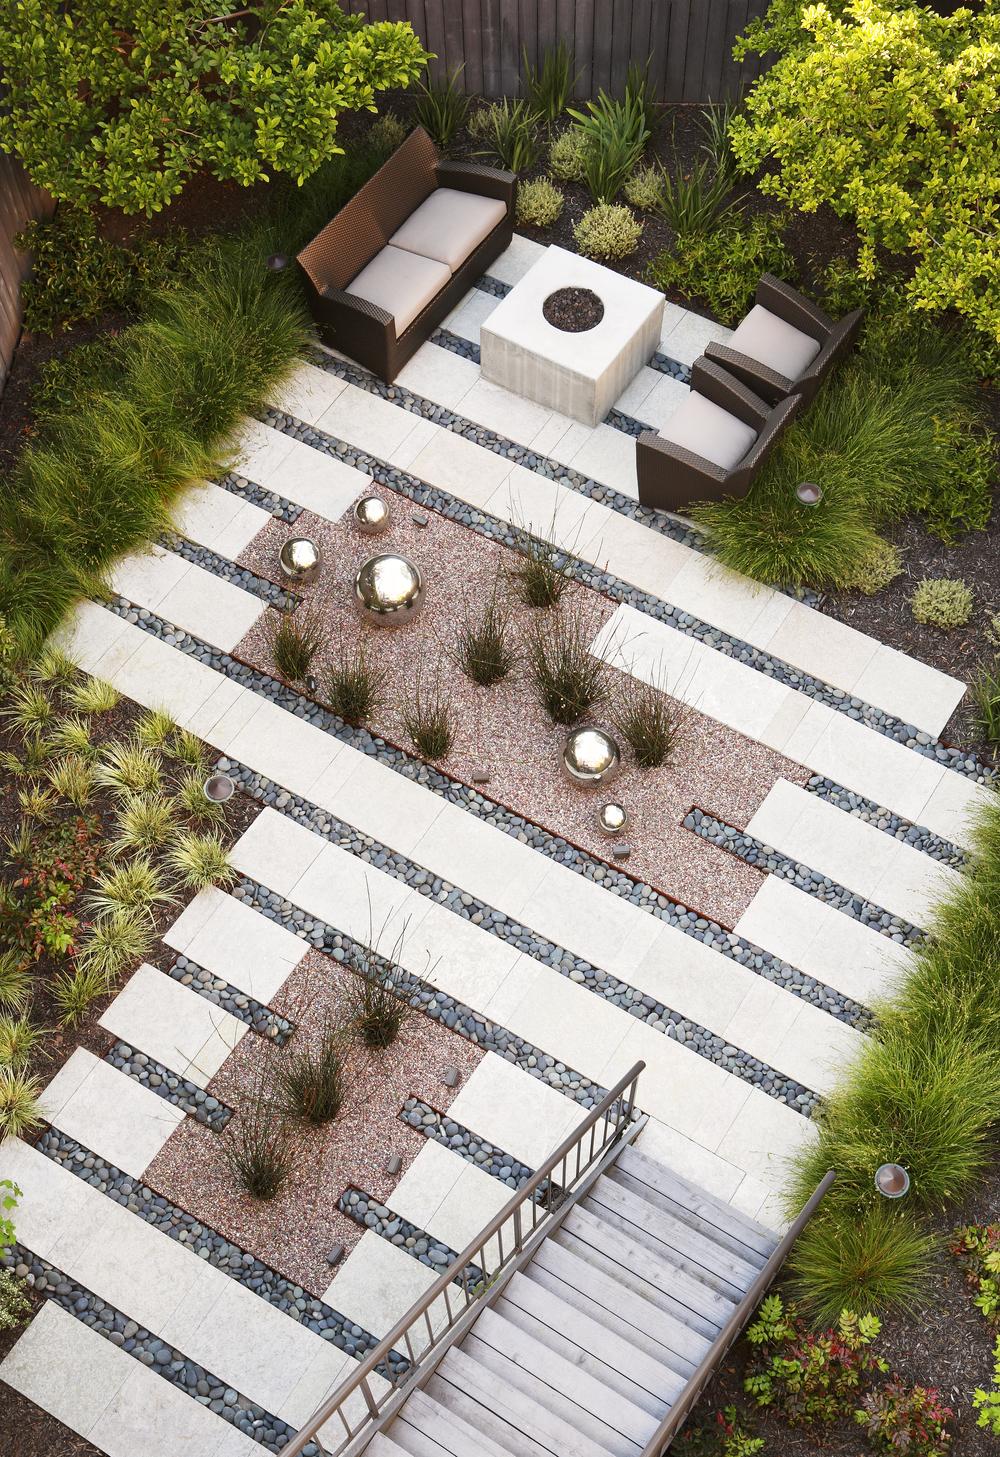 62 degrees arterra landscape architects for Award winning landscape architects